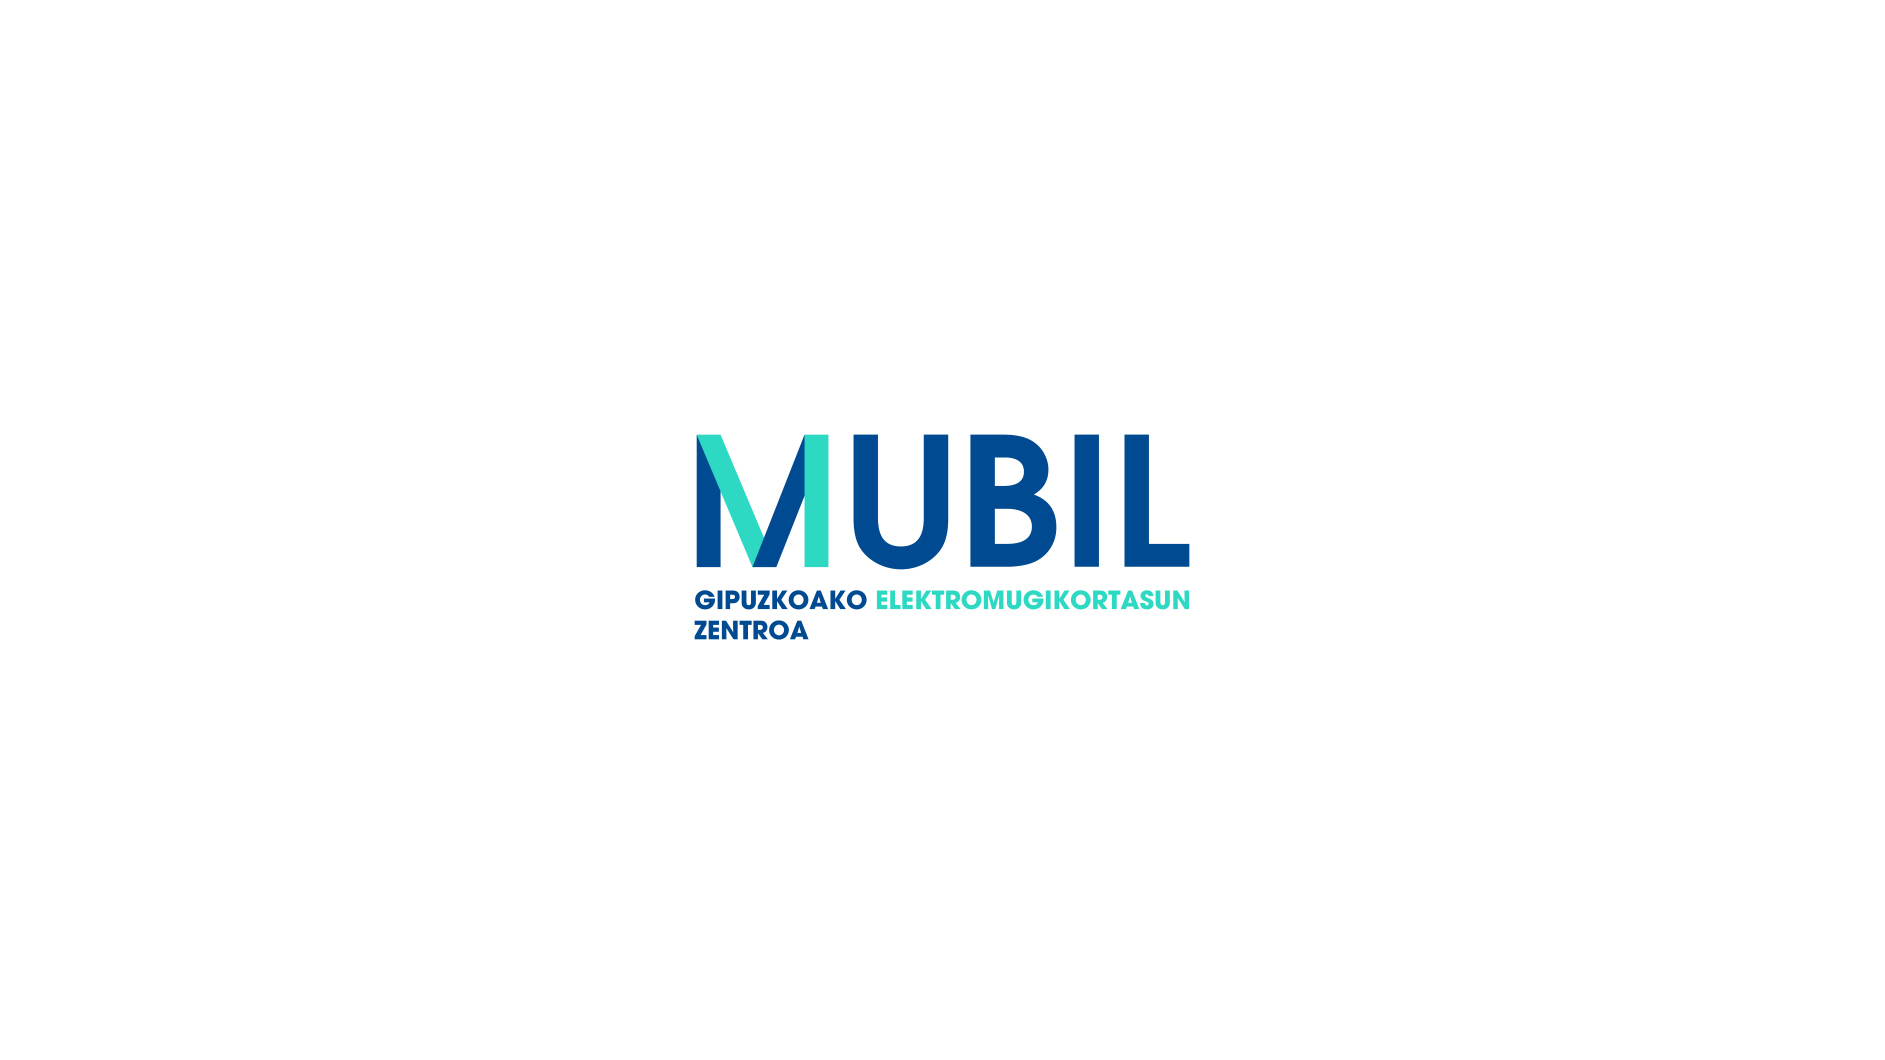 MUBIL Erd